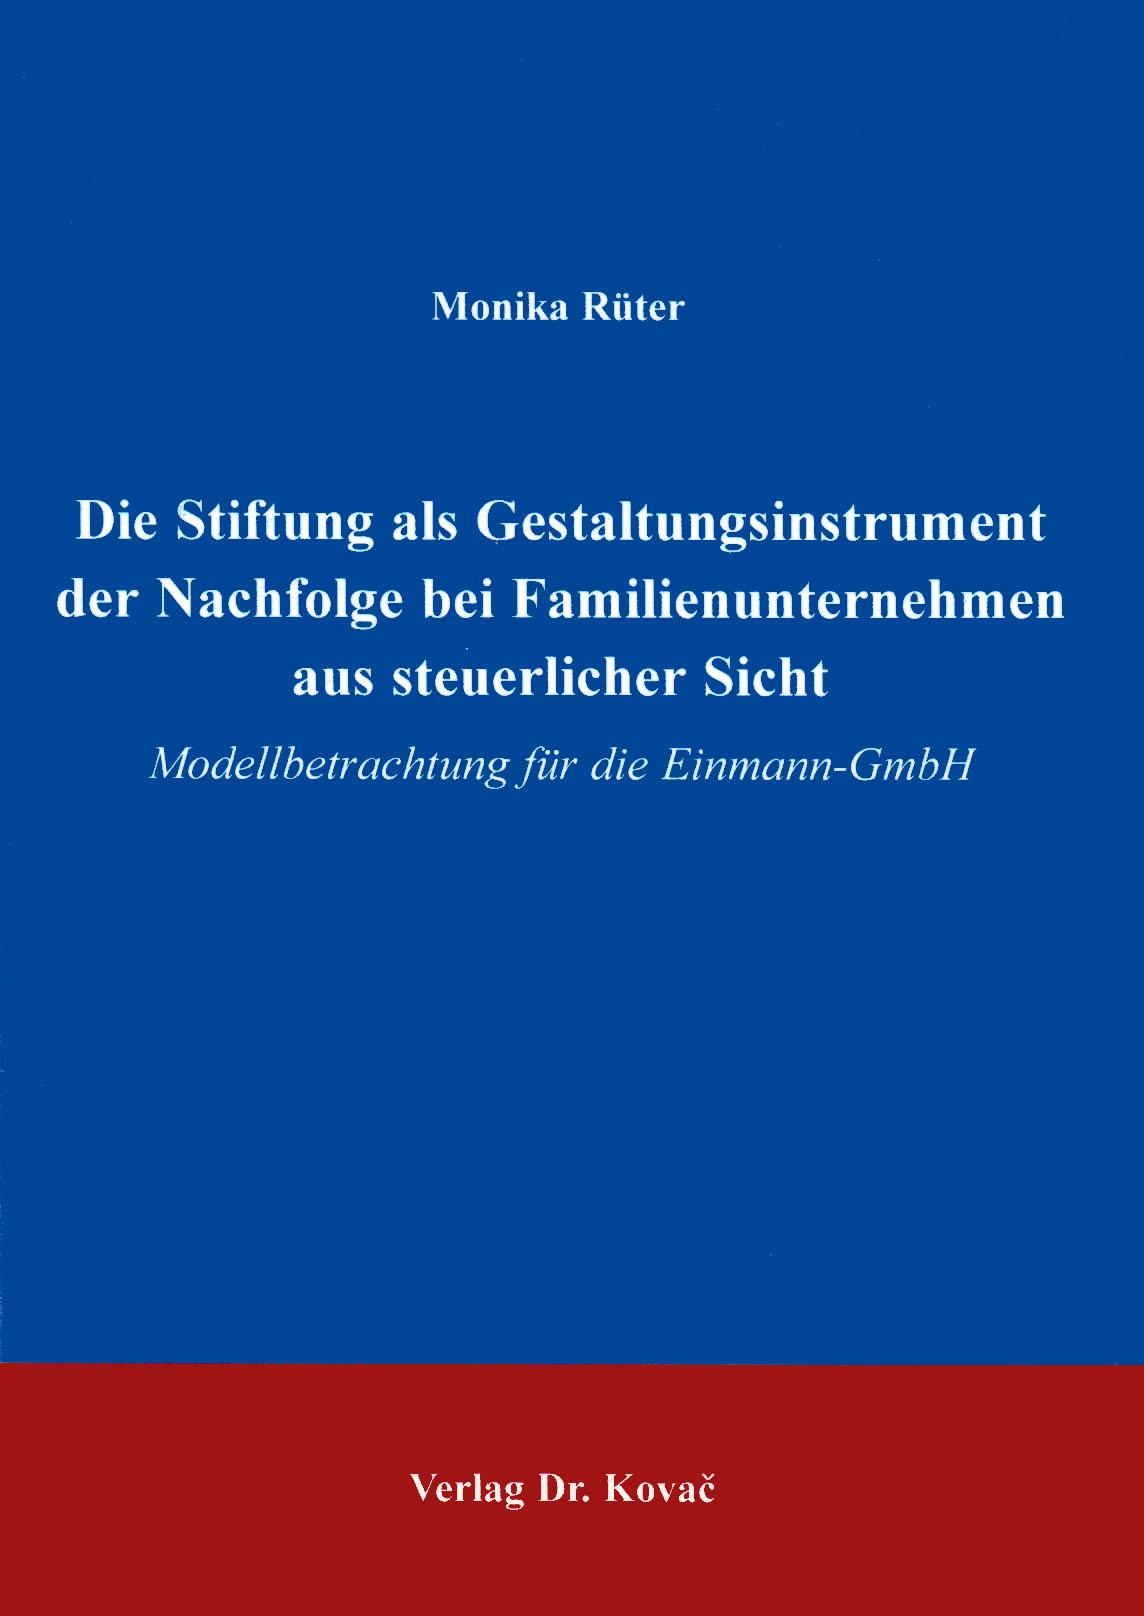 Cover: Die Stiftung als Gestaltungsinstrument der Nachfolge bei Familienunternehmen aus steuerlicher Sicht